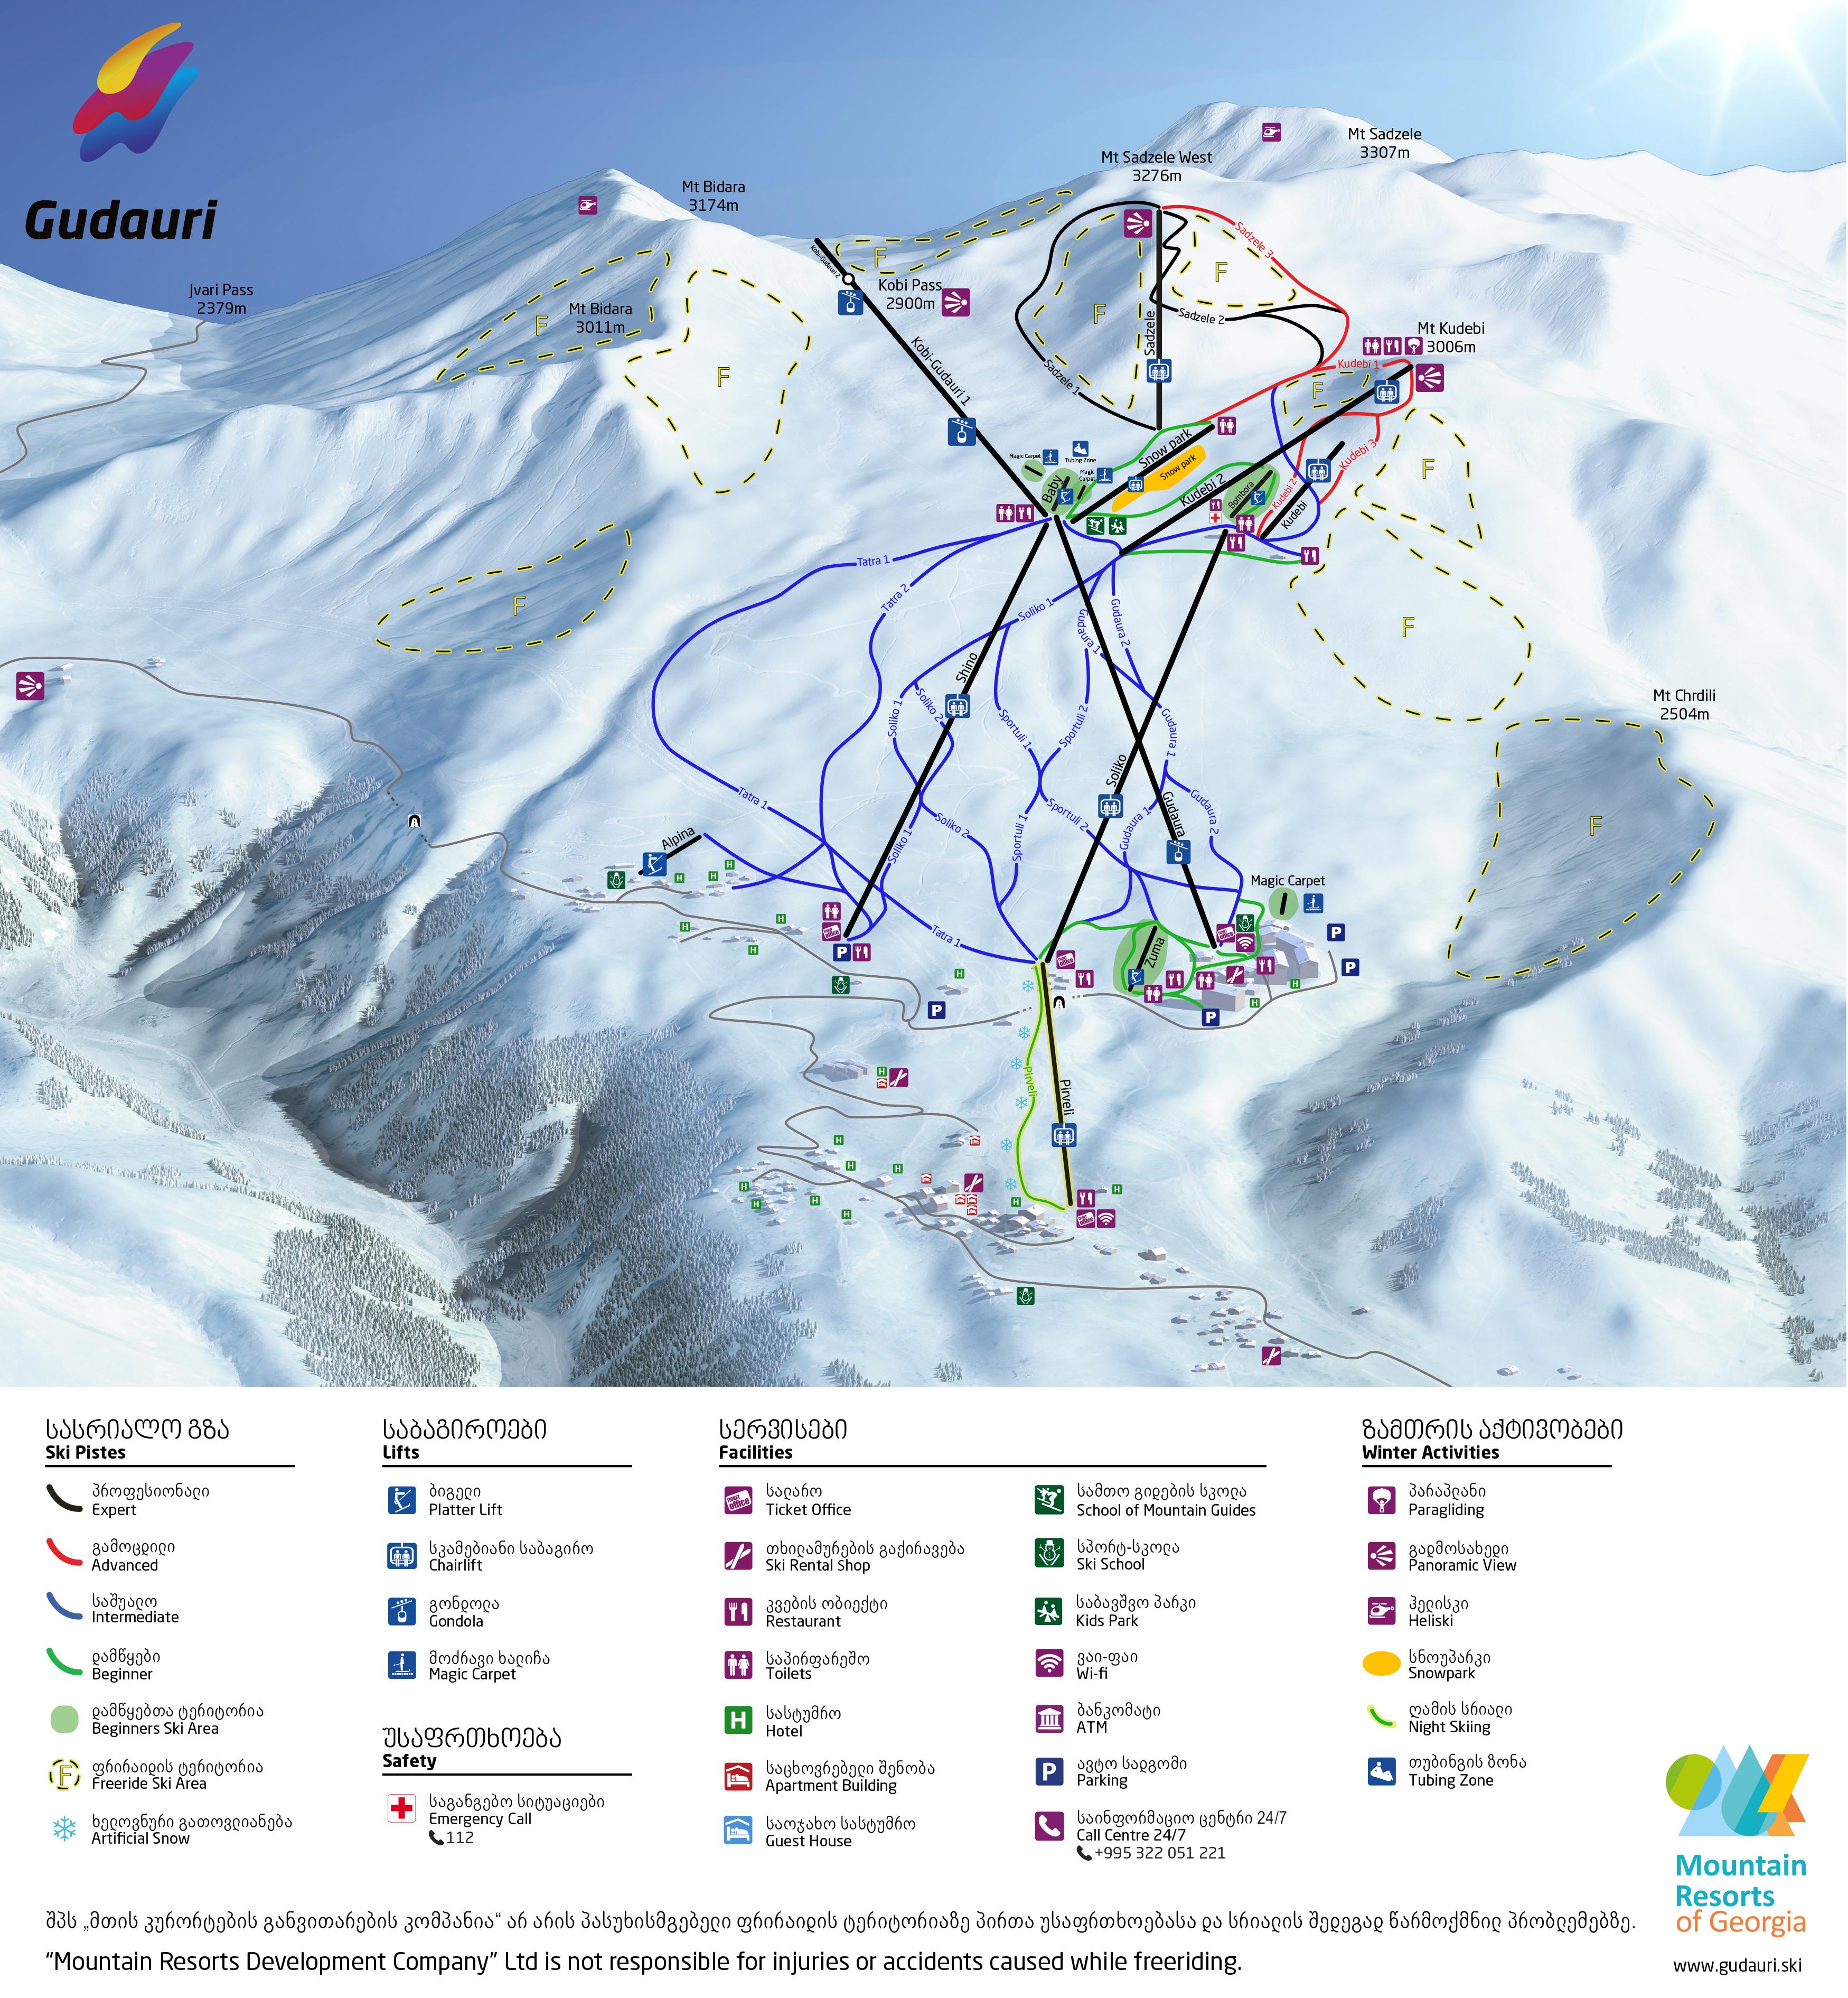 Gudauri / Gudauri winter sports resort